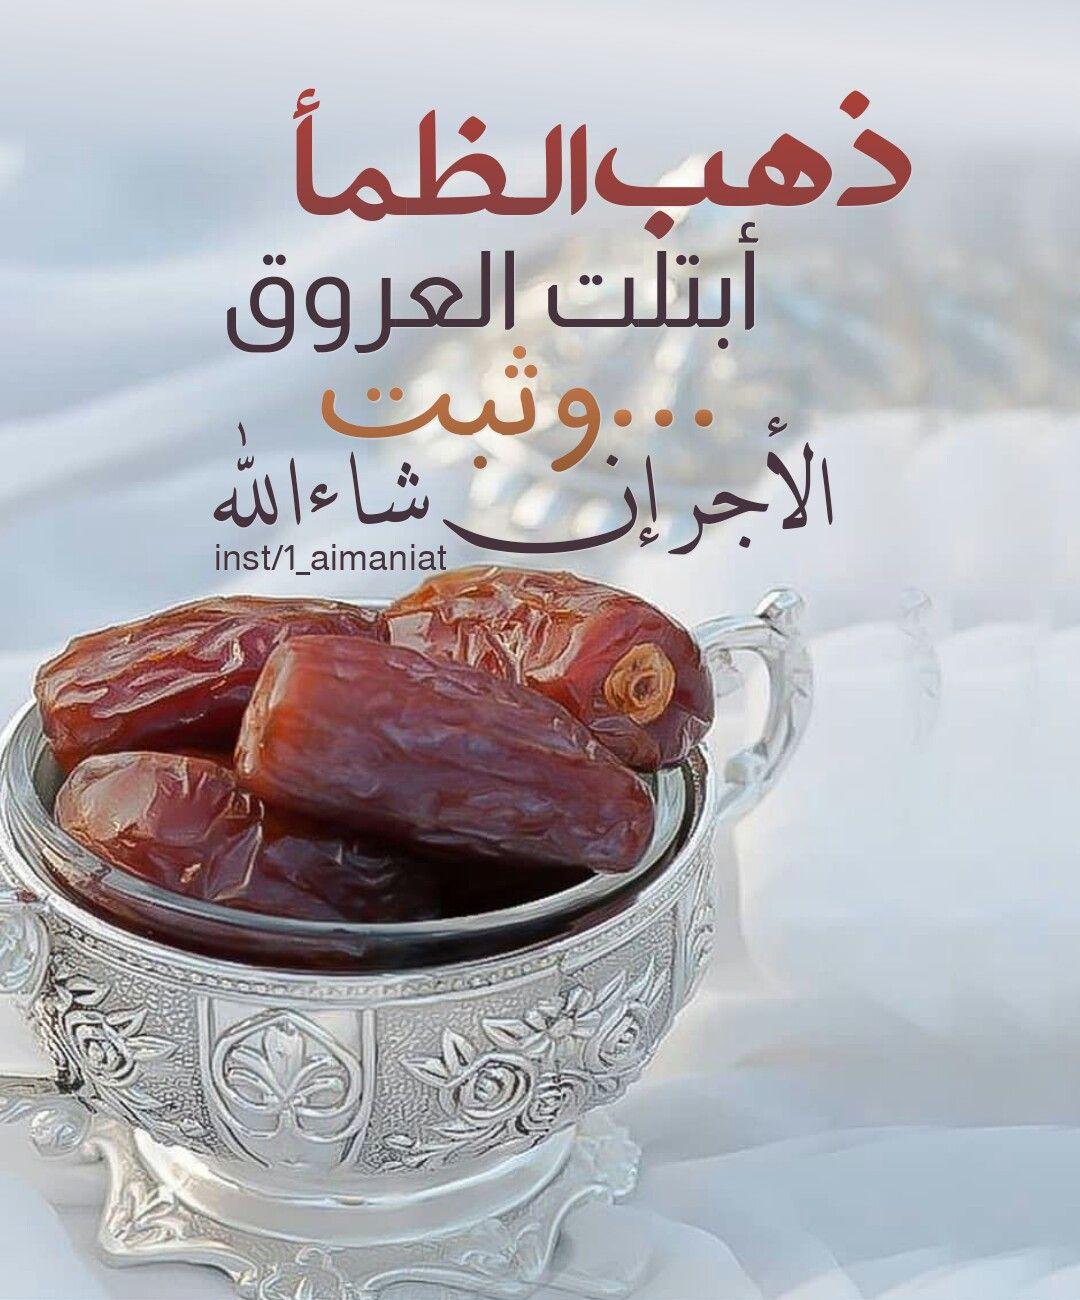 ذهب الظمأ وابتلت العروق وثبت الأجر ان شاءالله Ramadan Mubarak Wallpapers Ramadan Images Ramadan Day